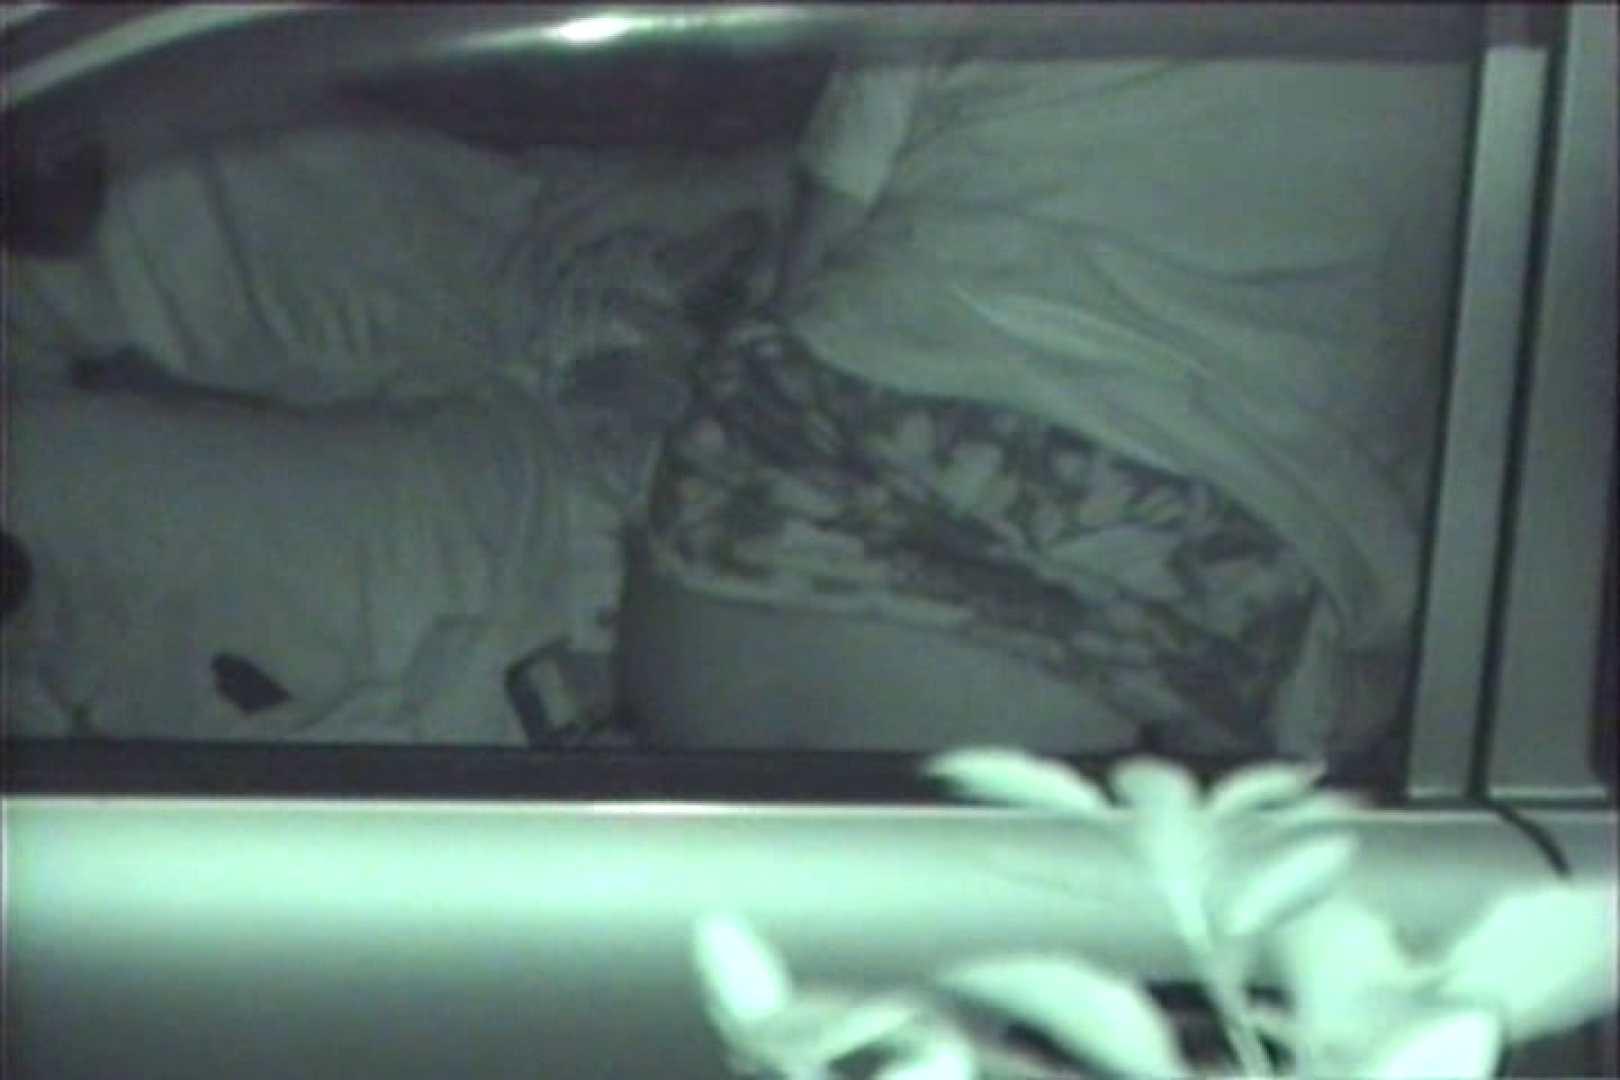 車の中はラブホテル 無修正版  Vol.18 ラブホテル隠し撮り | 美しいOLの裸体  100pic 1